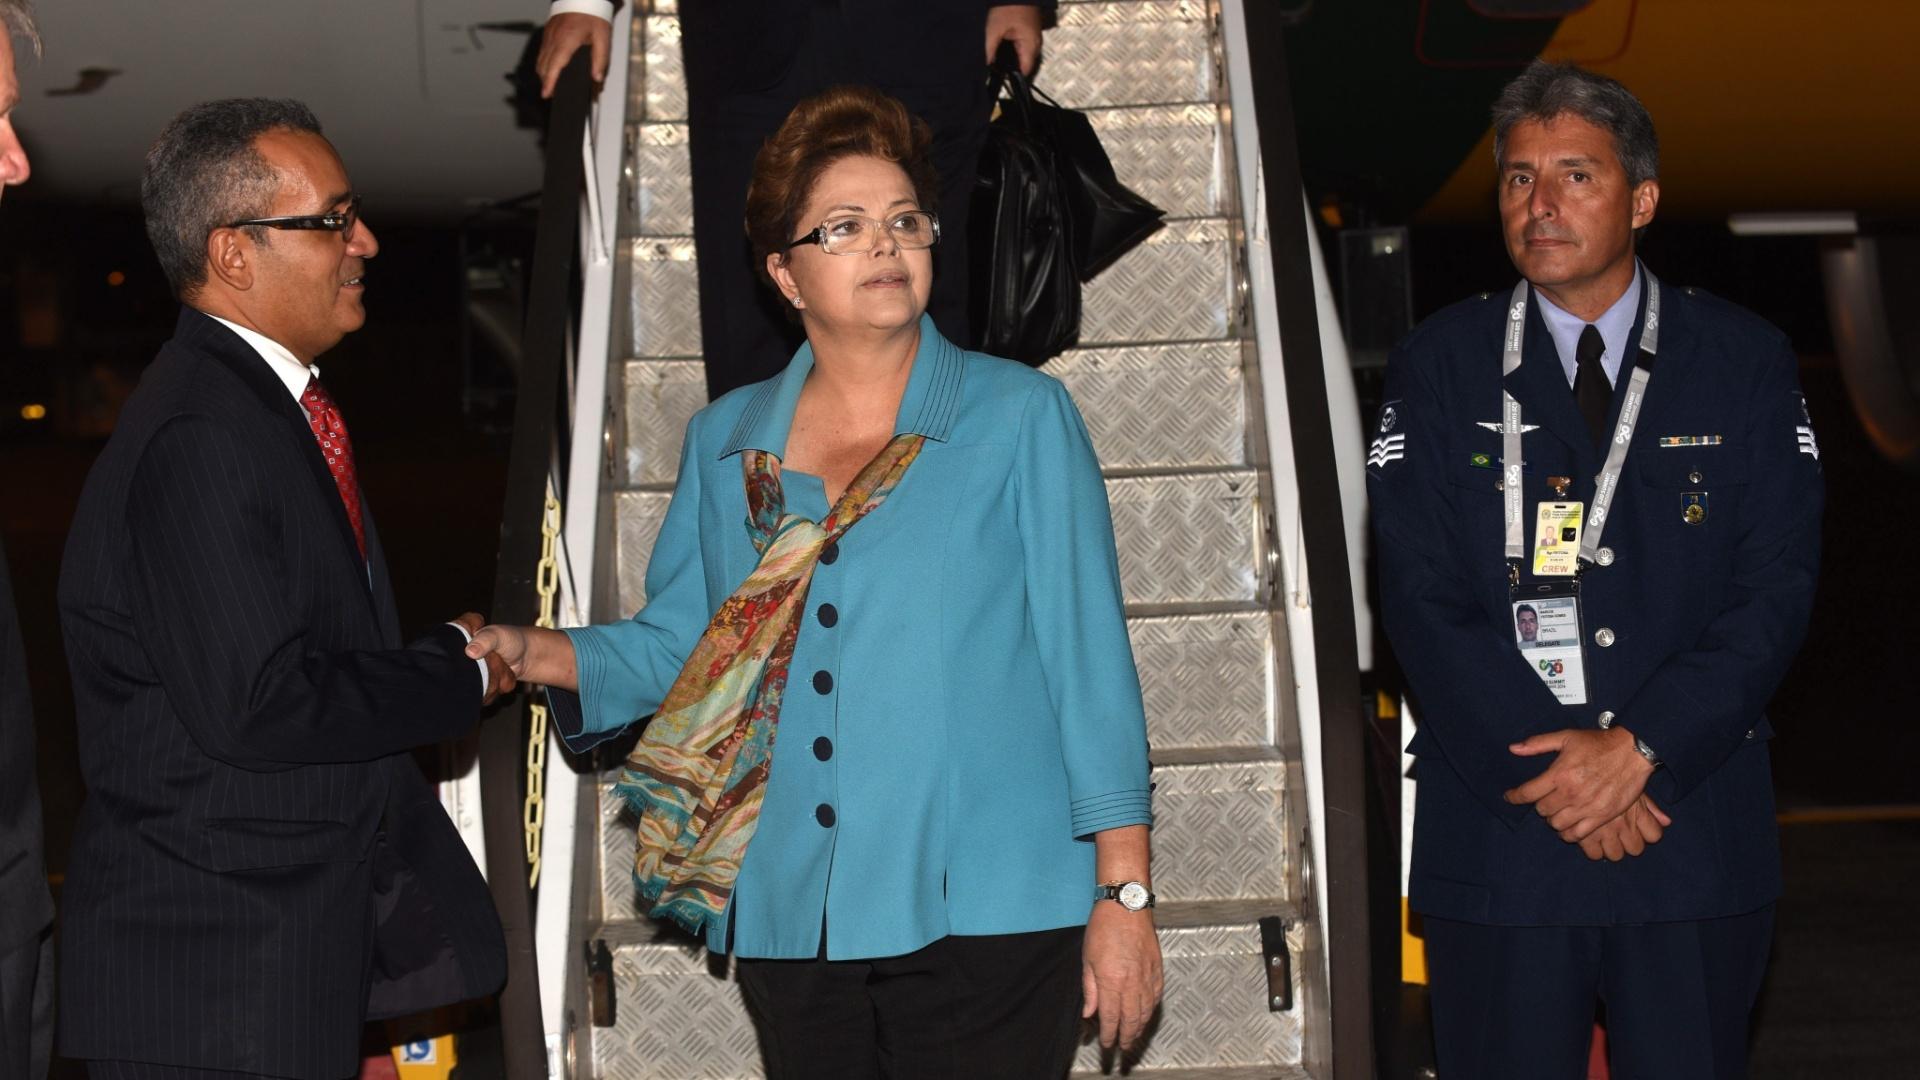 14.nov.2014 - Presidente Dilma Rousseff desembarca na noite desta quinta-feira (13) no aeroporto de Brisbane (Austrália), para participar da reunião de cúpulado G20, que será realizada neste final de semana na cidade australiana